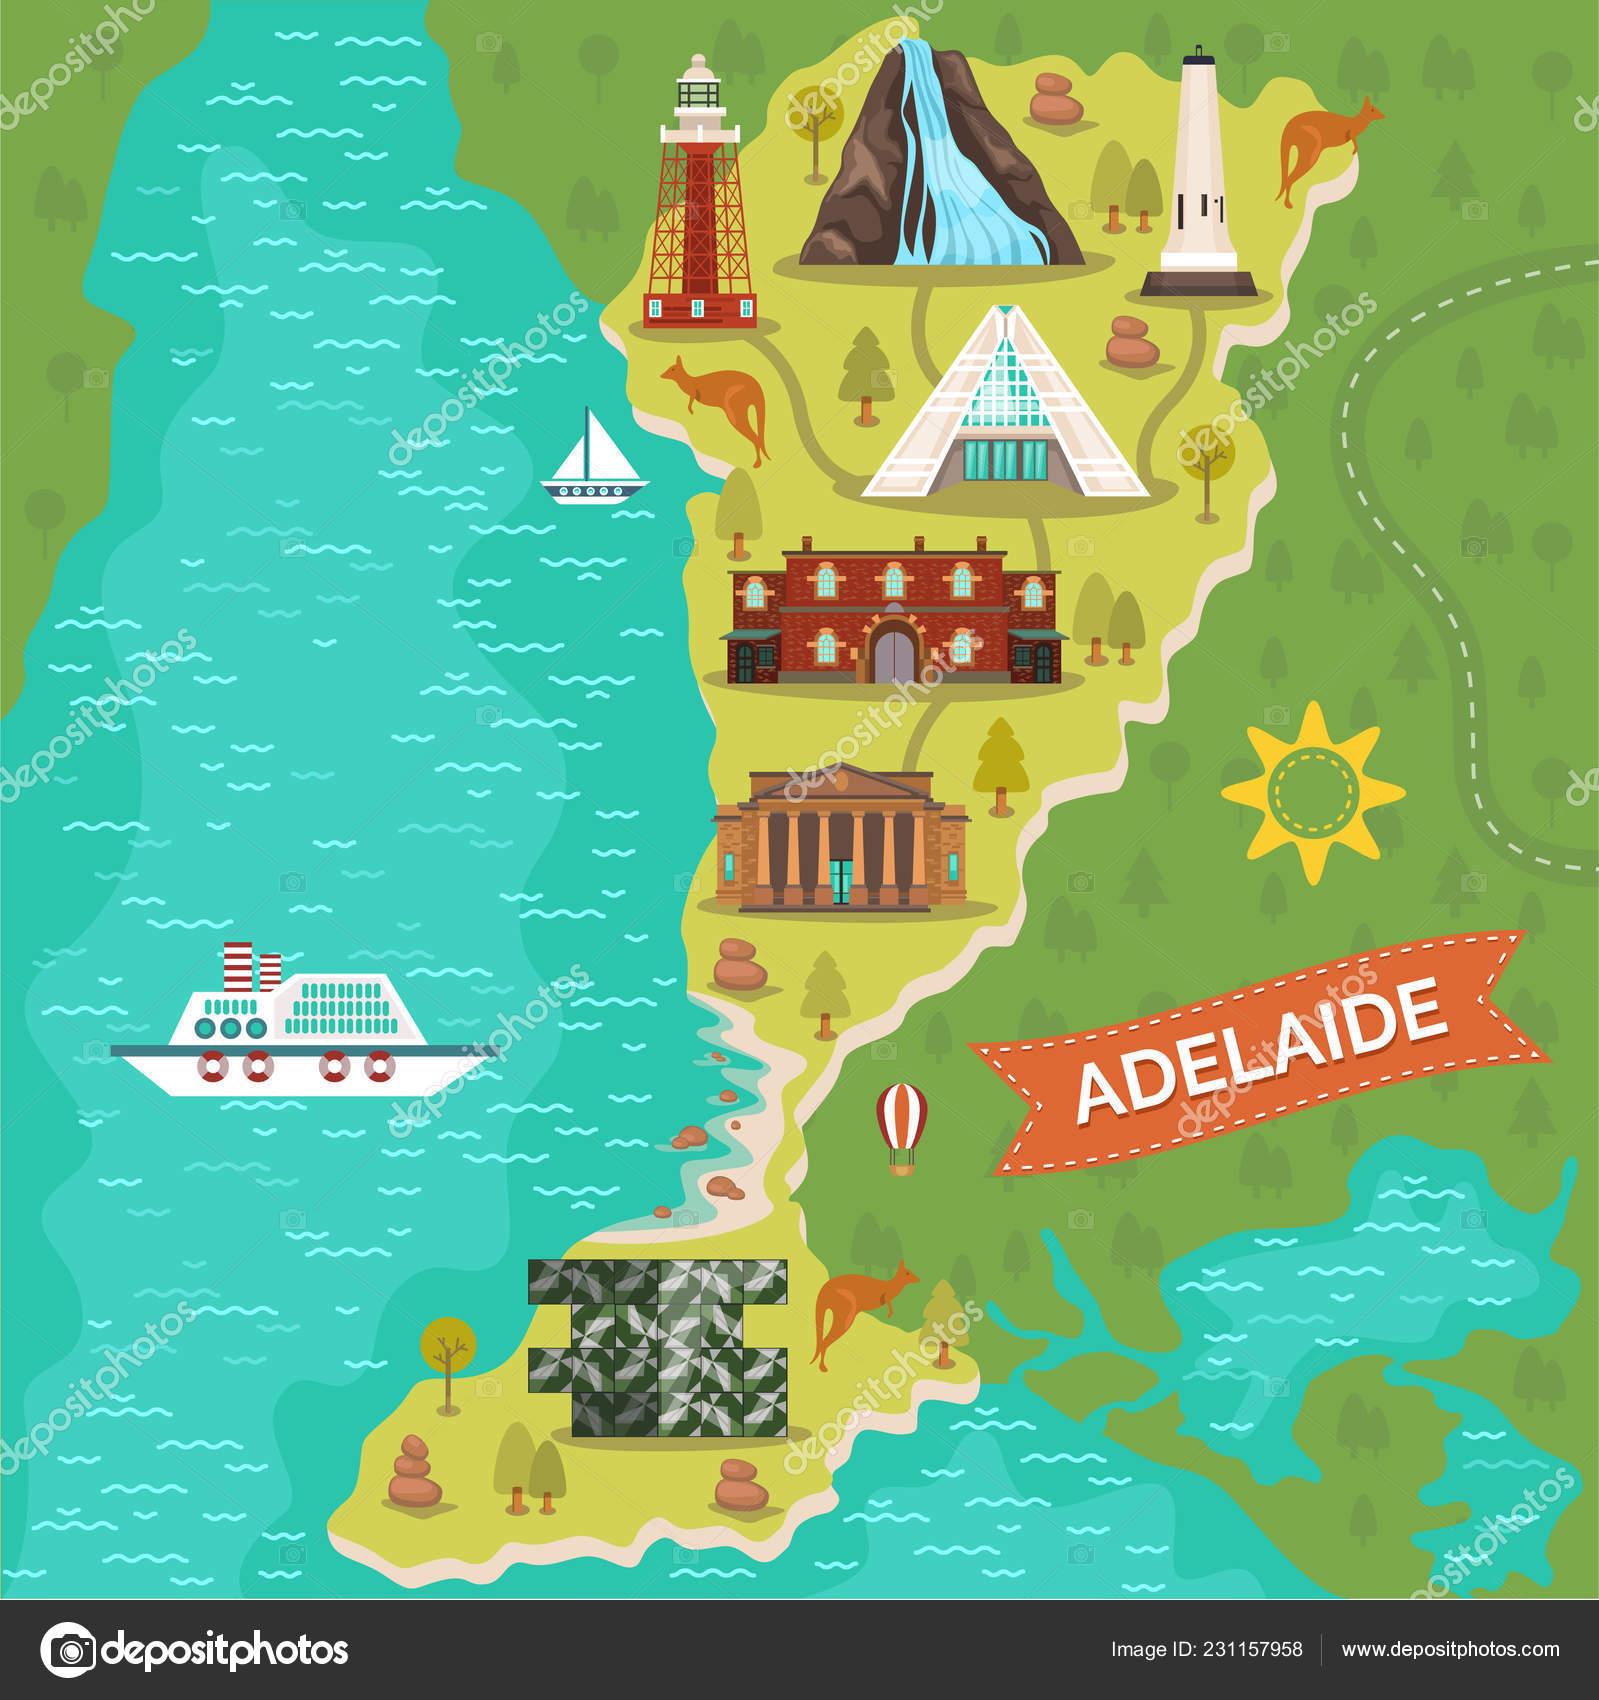 Map Of Australia Landmarks.Adelaide Landmarks On Travel Map Australian City Stock Vector